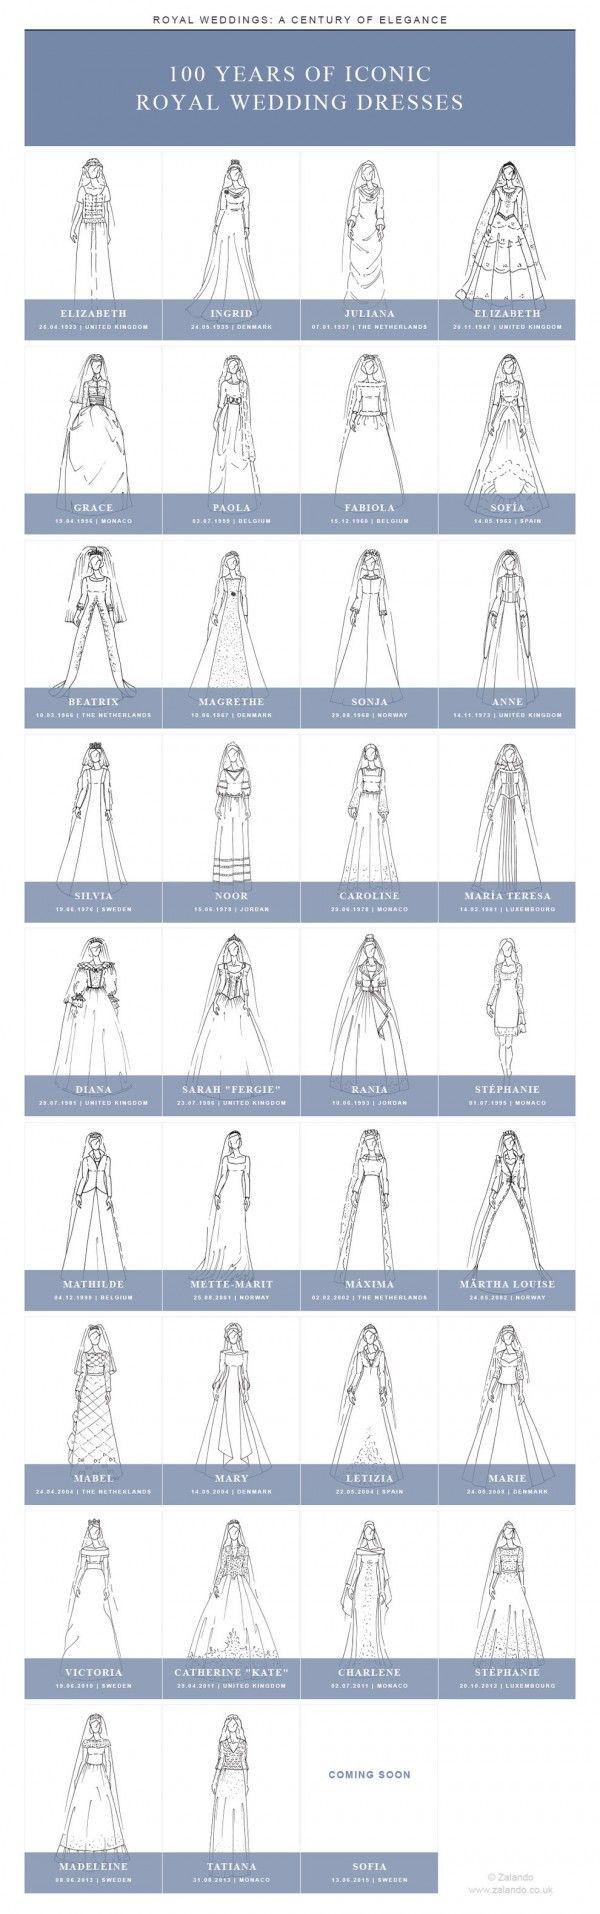 vestidos reais ao longo do século